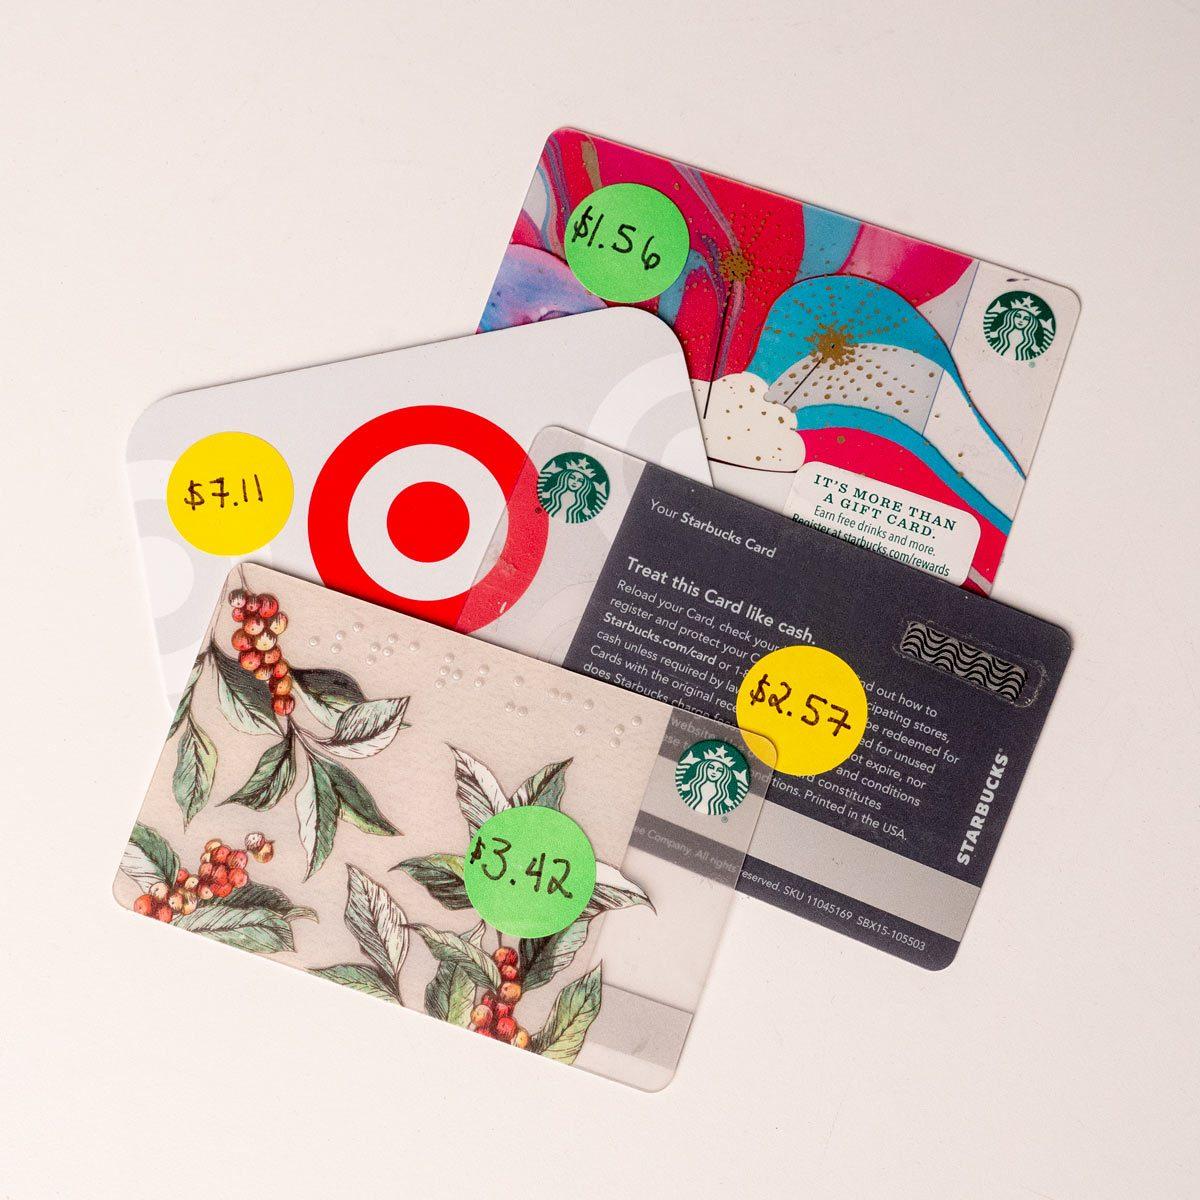 used gift cards white elephant gift